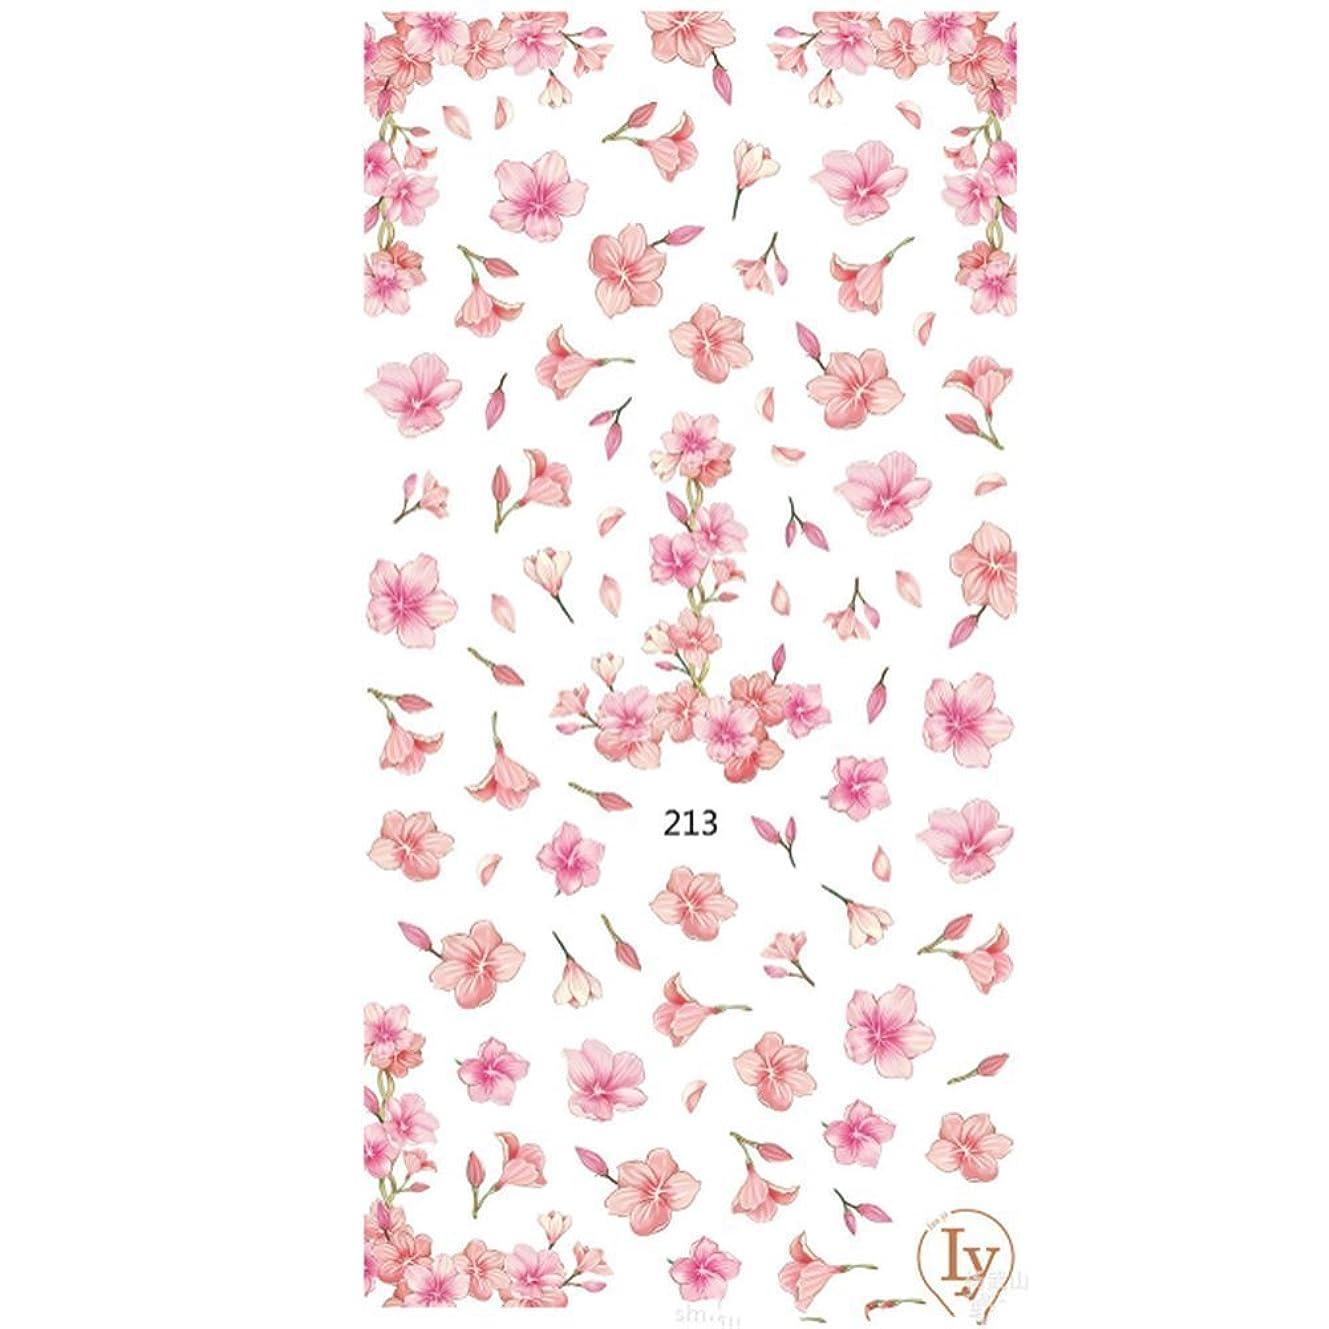 重なる落ち着く傷つきやすいネイルステッカー 1シート 桜 フラワー 花 パターン 3Dシール ネイルステッカー ネイルシール ネイルアート ネイルデコ